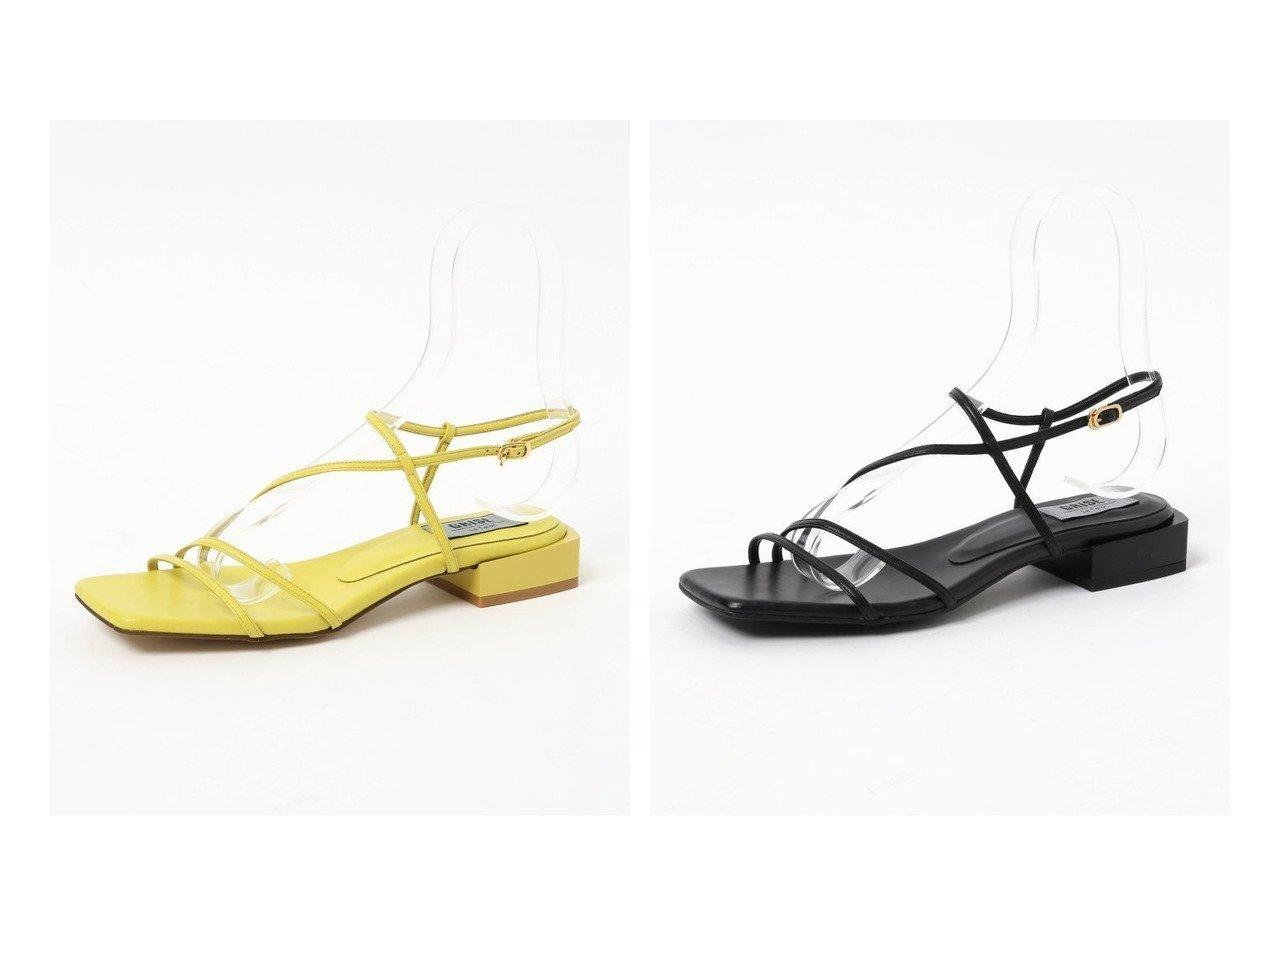 【Le Talon/ル タロン】のGRISE 2.5cmアシメストラップサンダル 【シューズ・靴】おすすめ!人気、トレンド・レディースファッションの通販 おすすめで人気の流行・トレンド、ファッションの通販商品 インテリア・家具・メンズファッション・キッズファッション・レディースファッション・服の通販 founy(ファニー) https://founy.com/ ファッション Fashion レディースファッション WOMEN アシンメトリー サンダル シューズ スクエア バランス フラット ボトム ラップ 2021年 2021 S/S・春夏 SS・Spring/Summer 2021春夏・S/S SS/Spring/Summer/2021 |ID:crp329100000045179